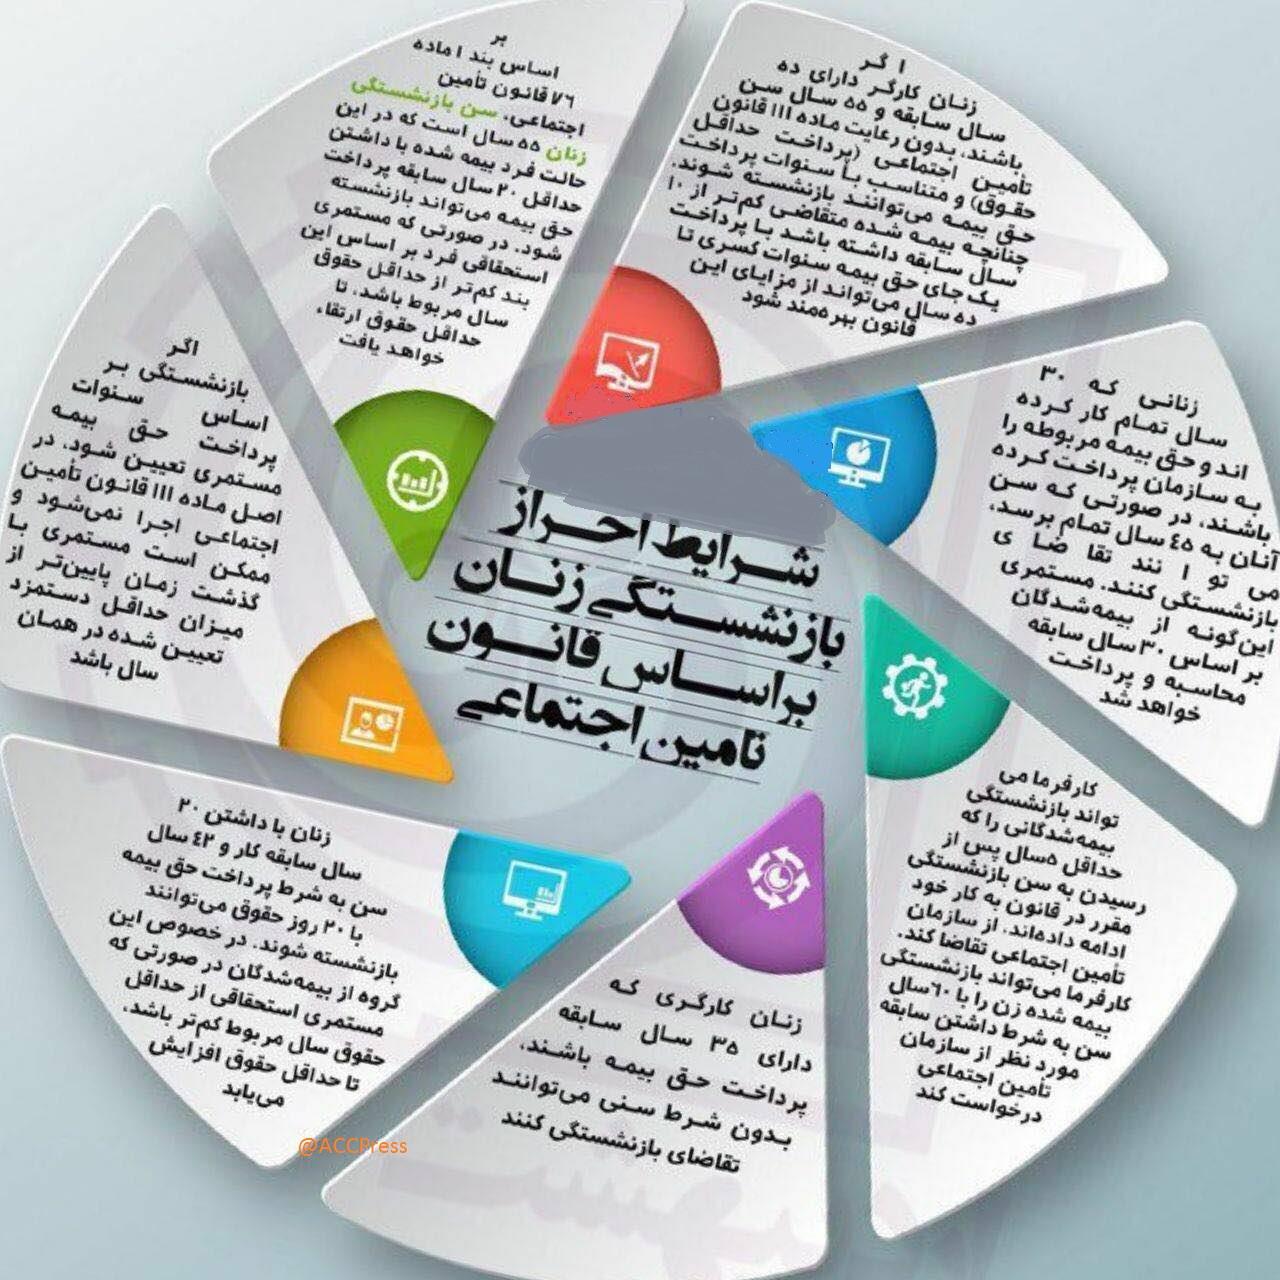 کاربرد مبنای تعهدی کامل در حسابداری دولتی